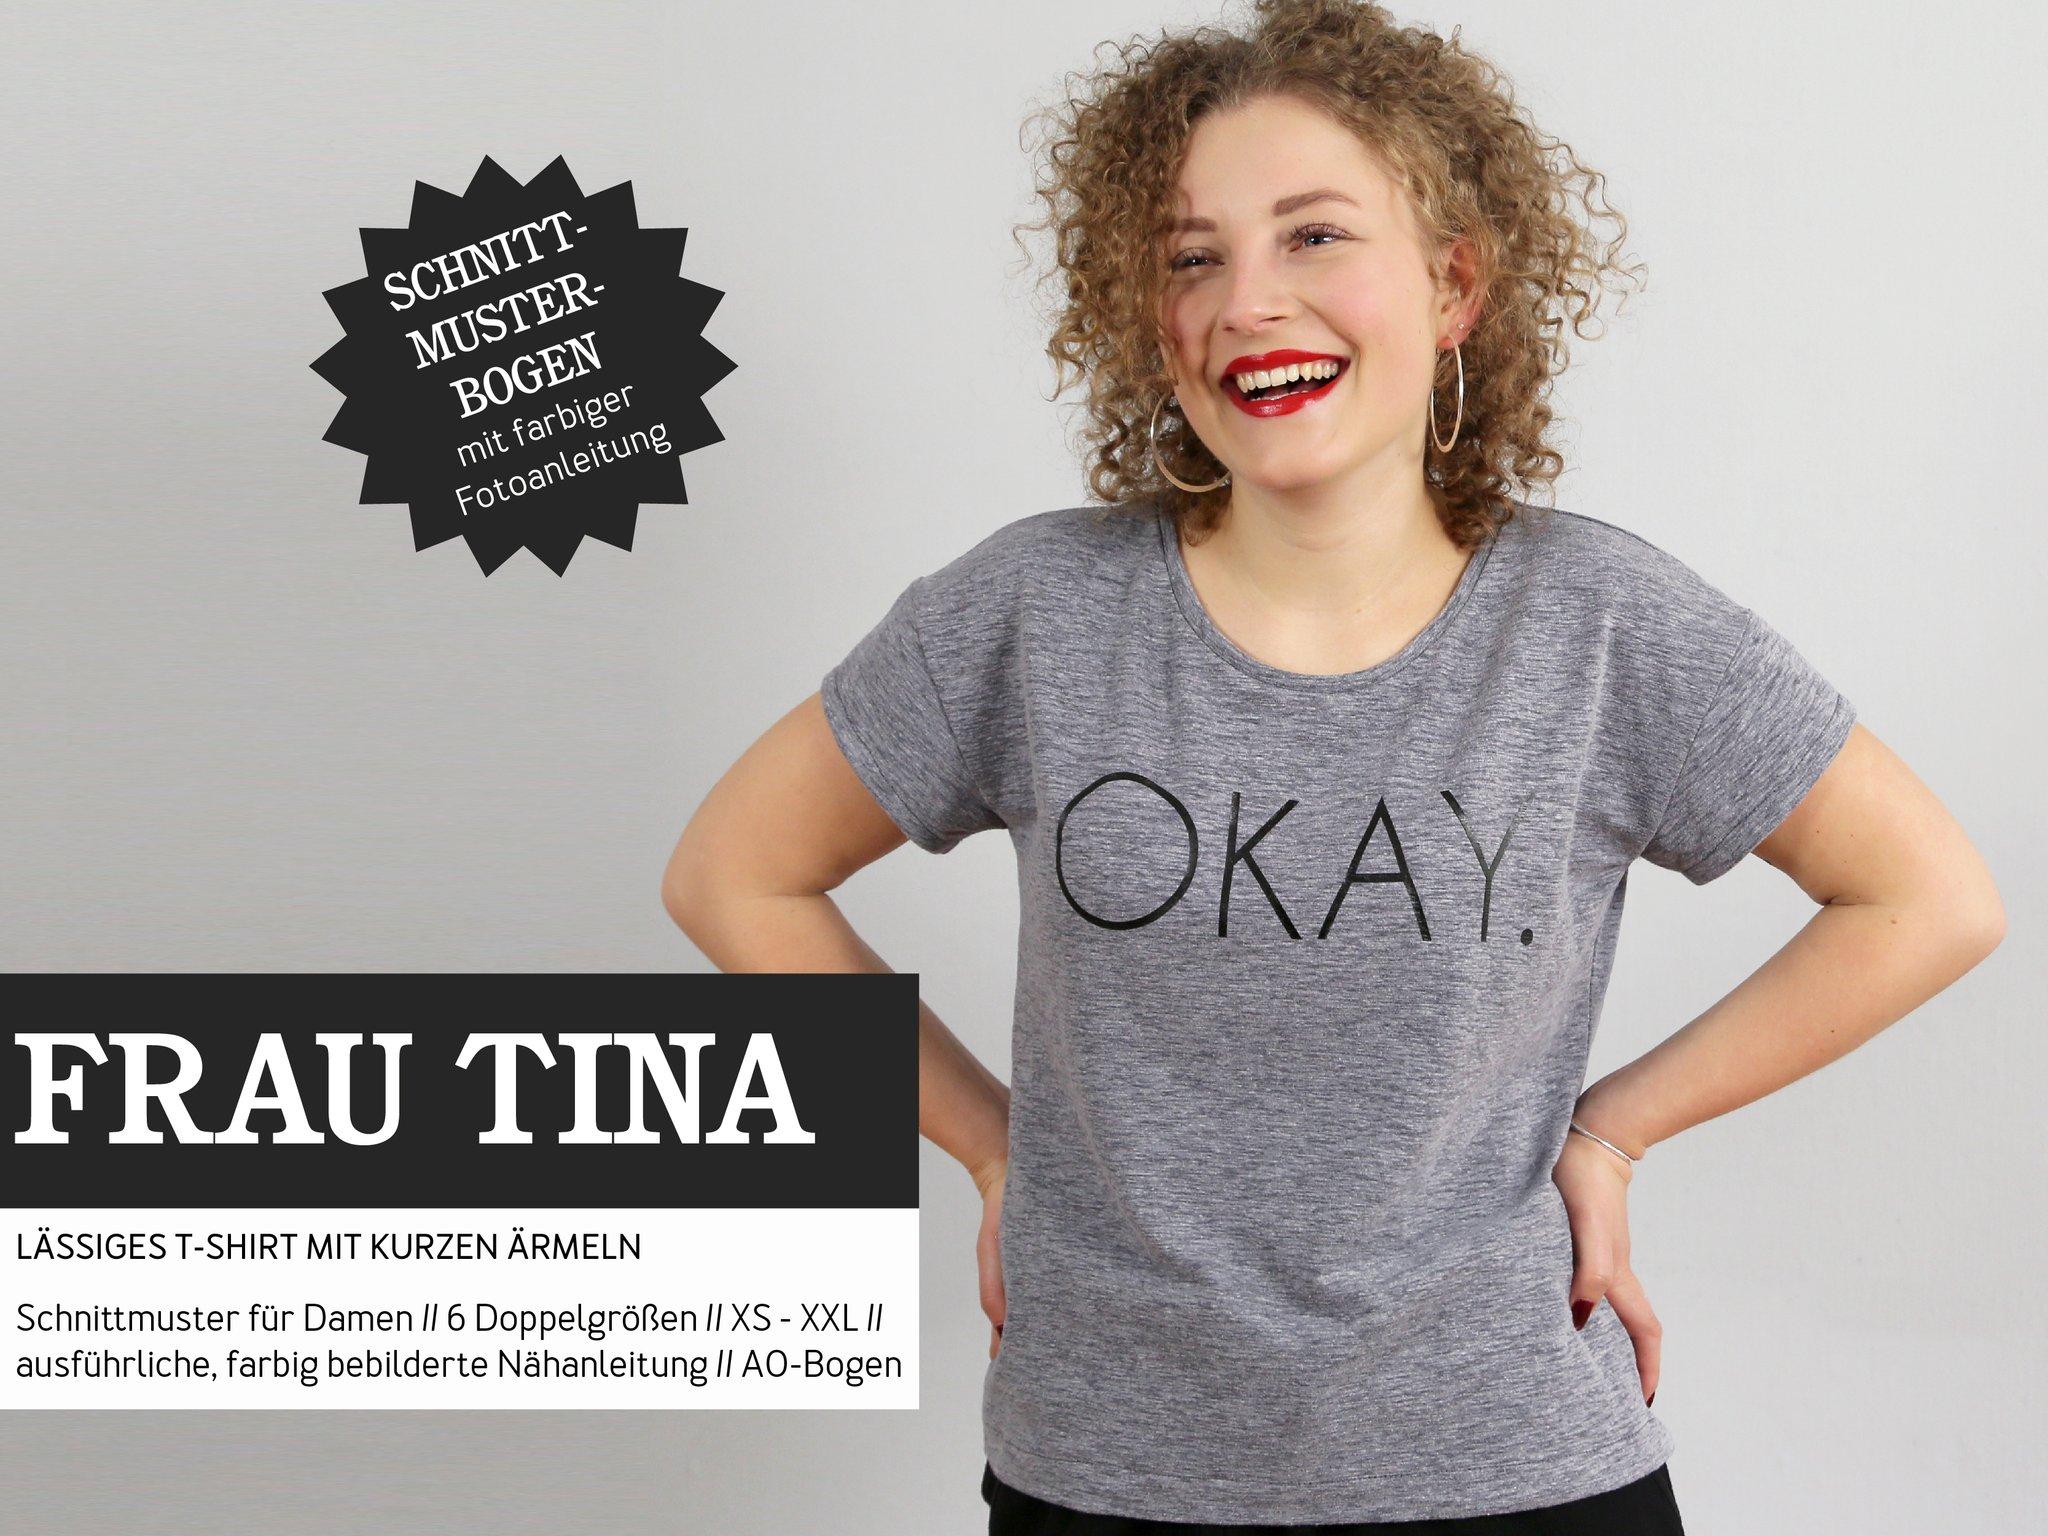 STUDIO SCHNITTREIF Frau Tina Shirt - Papierschnittmuster